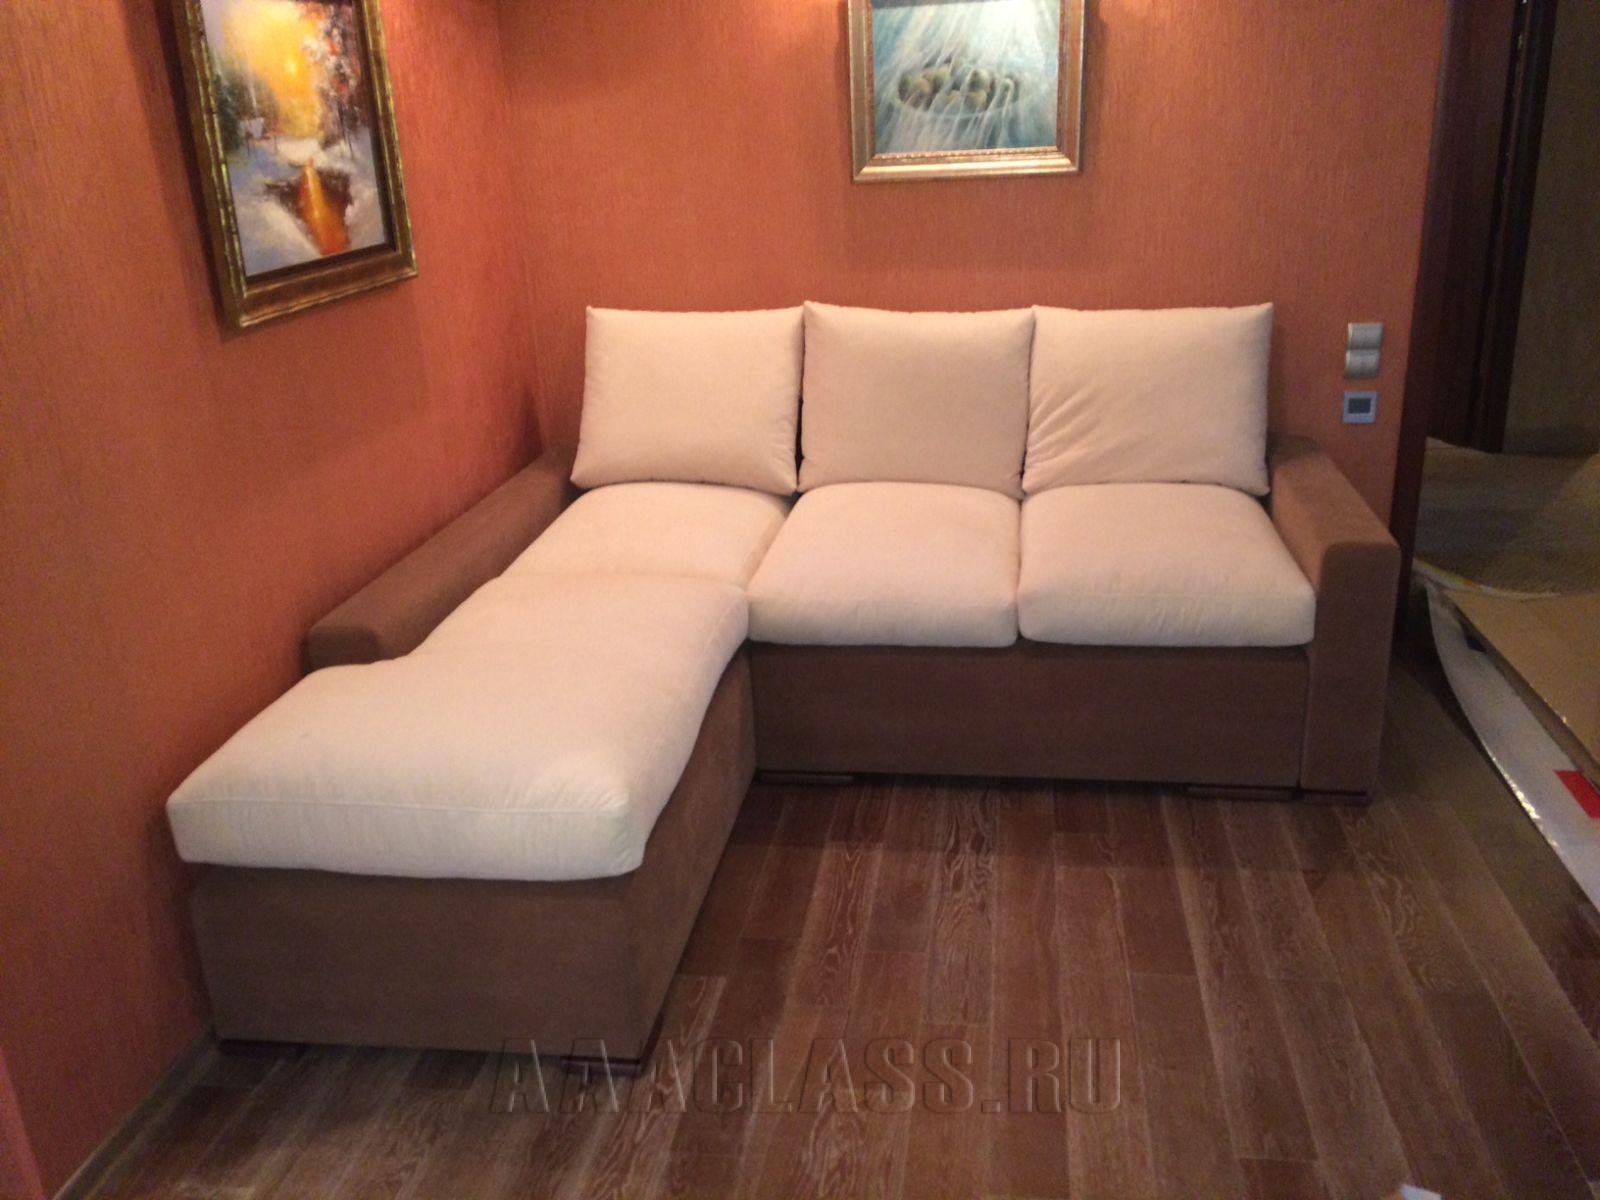 тканевой диван на заказ по индивидуальным размерам в Москве